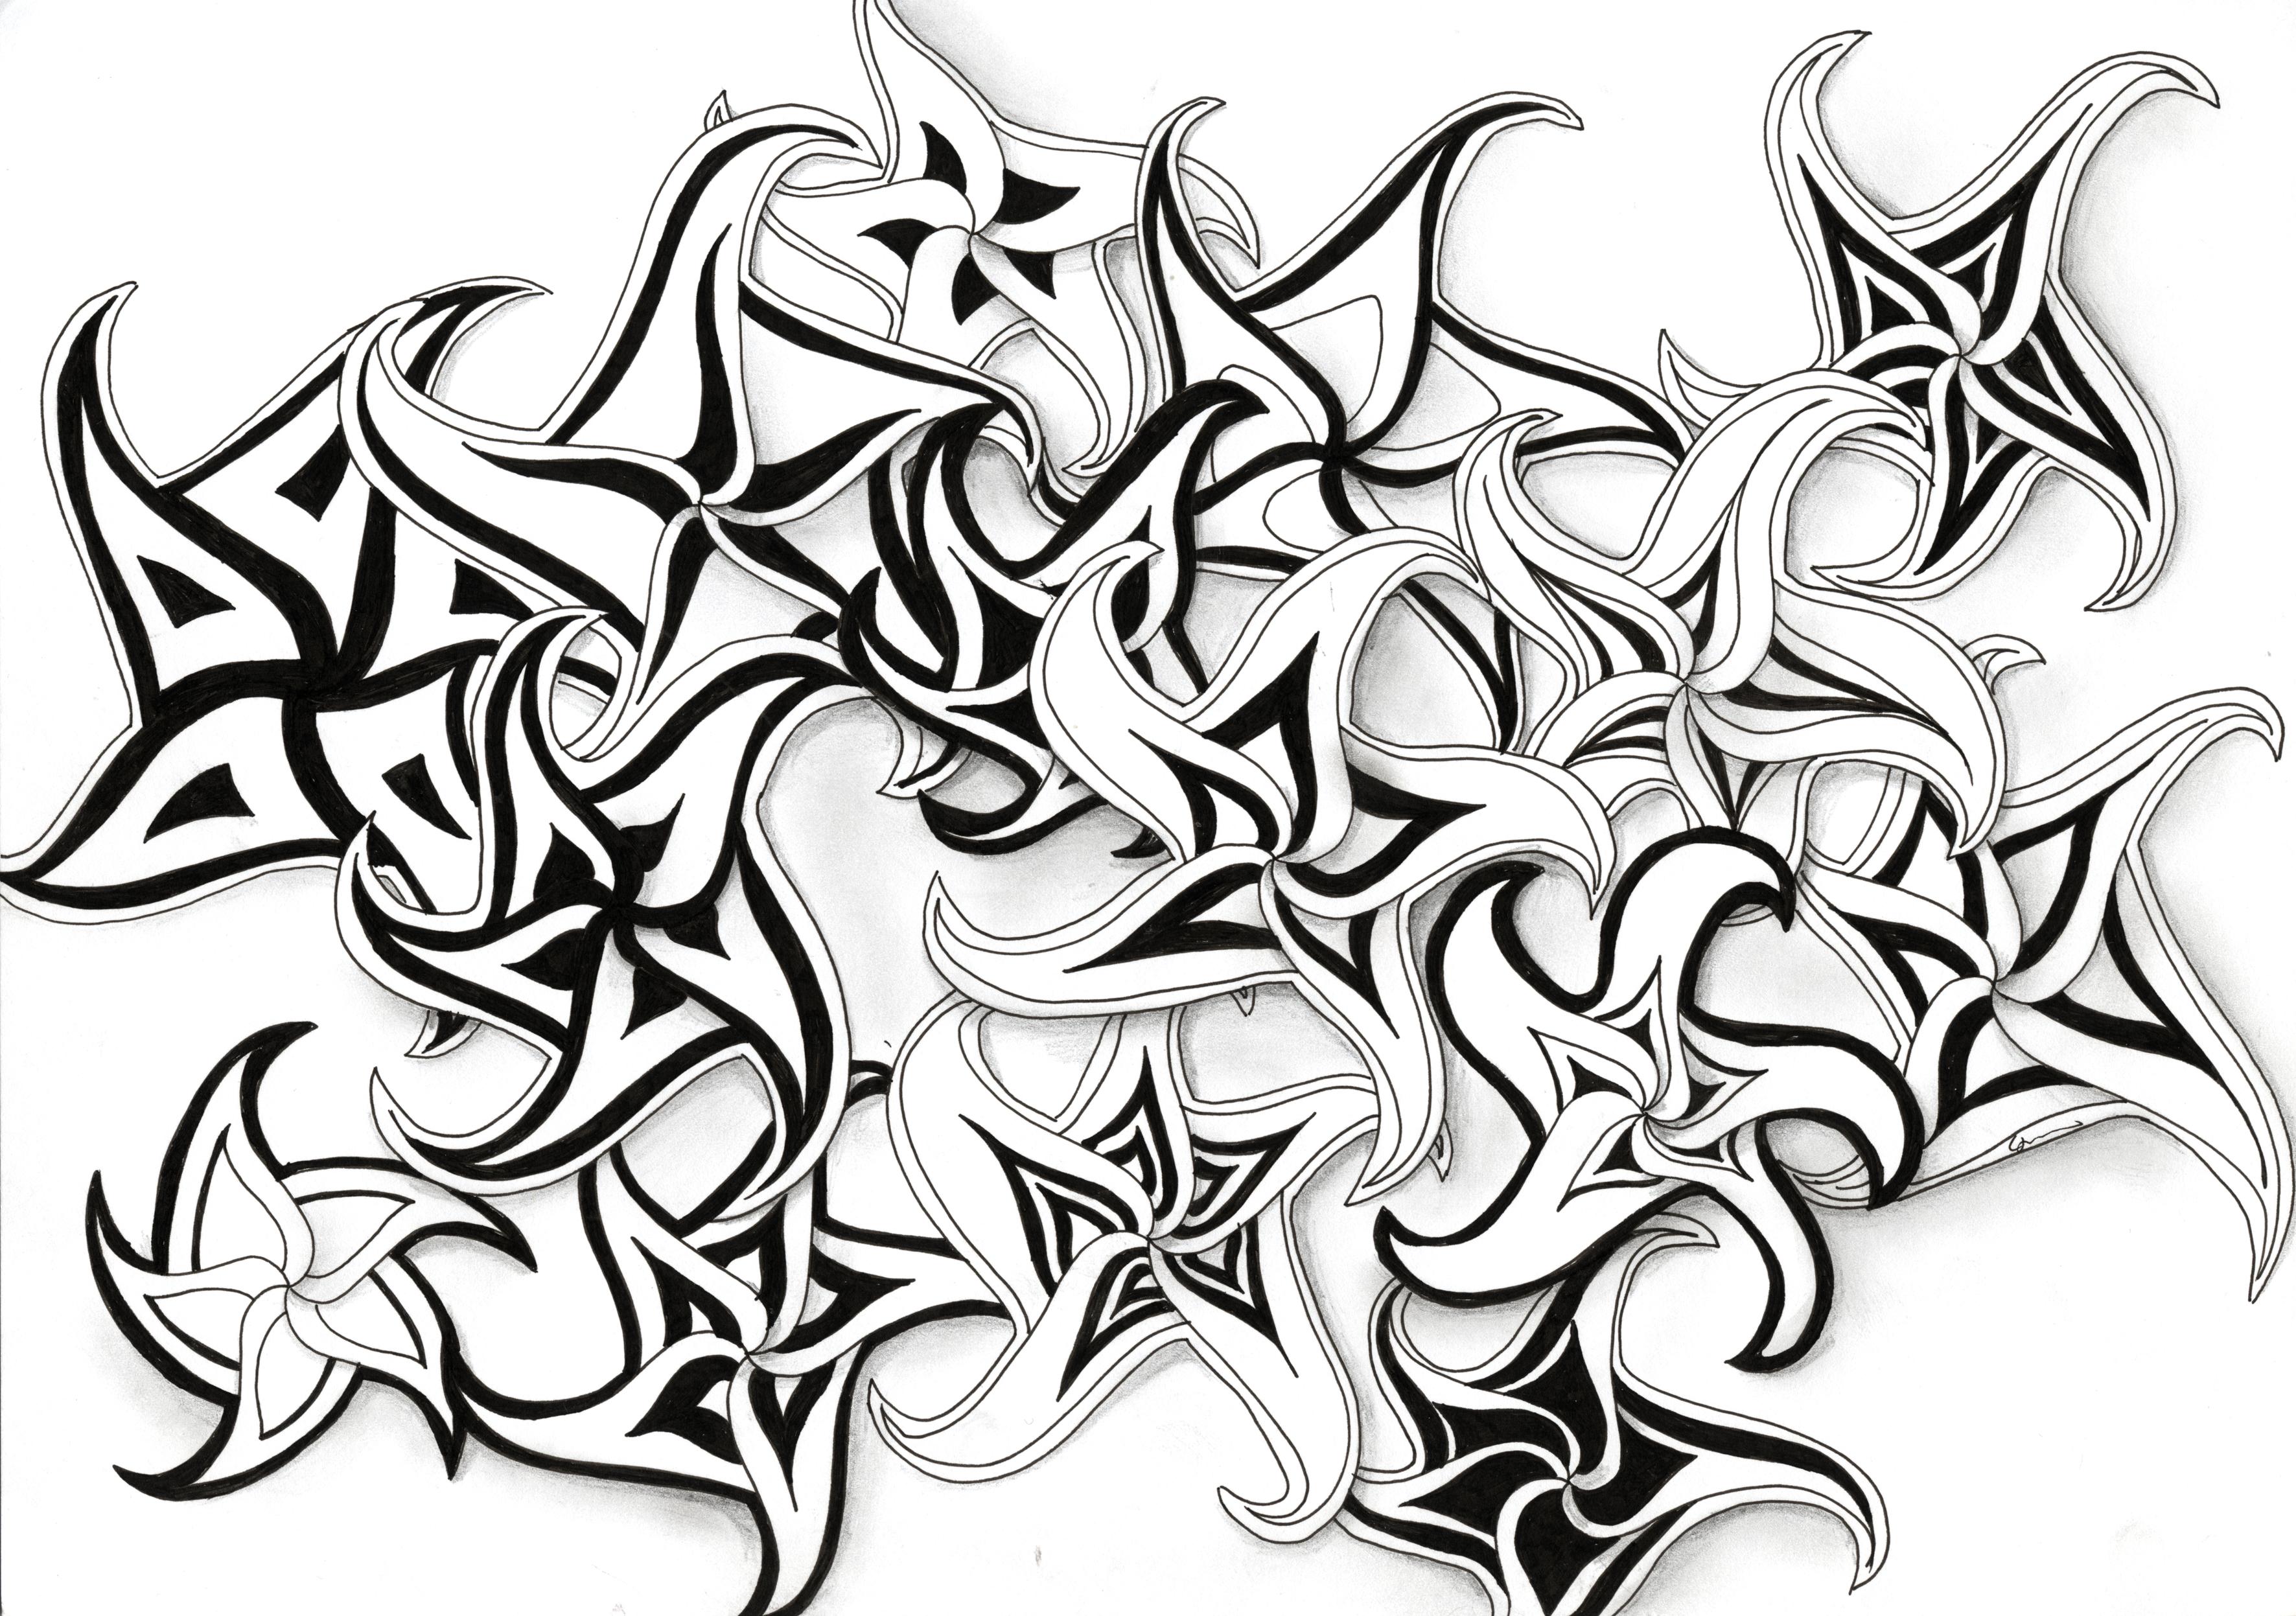 3543x2494 Drawn Star Shaded